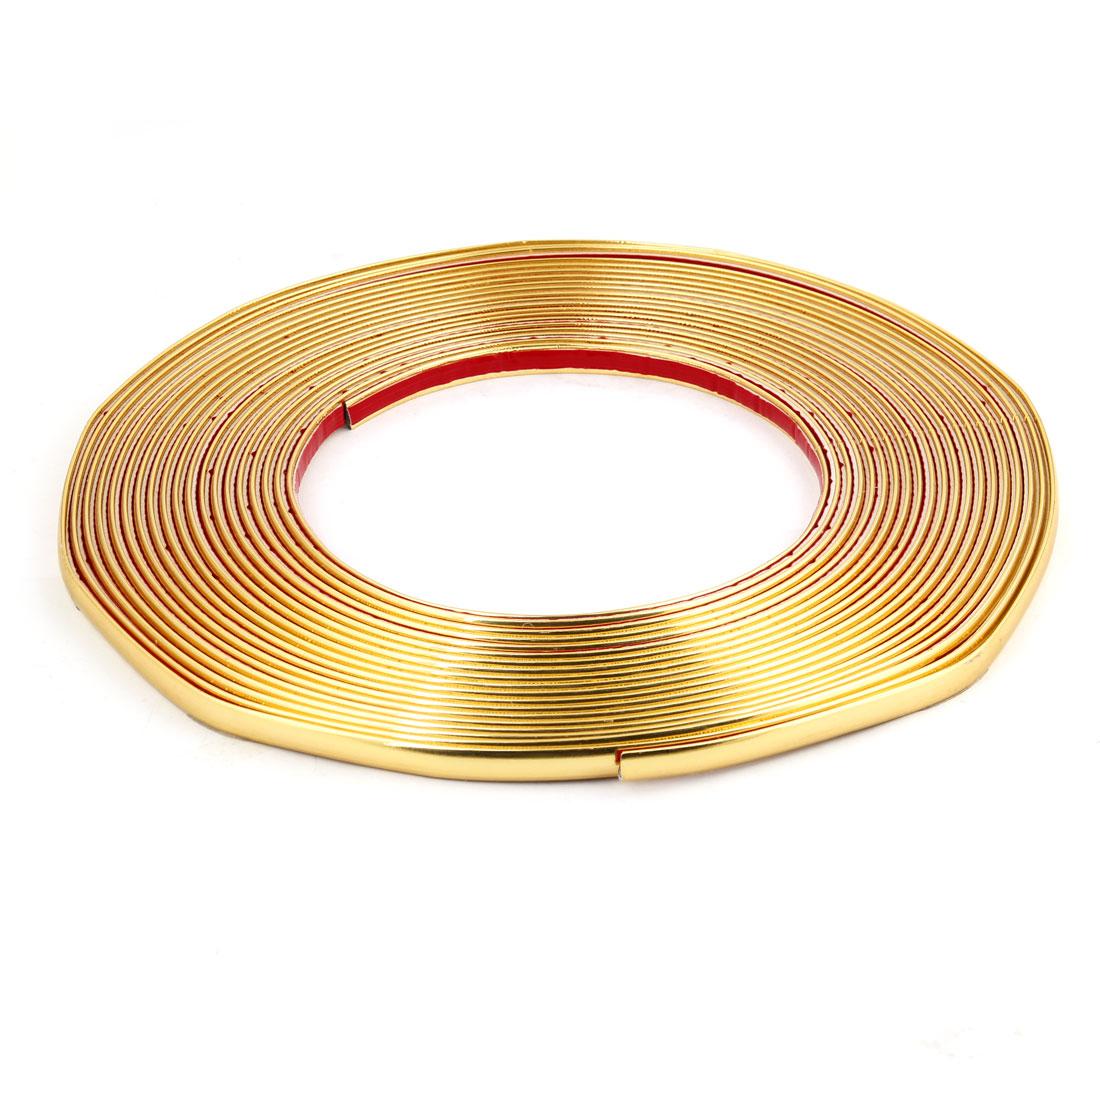 10mm x 15M Length Soft Plastic Vehicle Car Panel Moulding Trim Strip Gold Tone